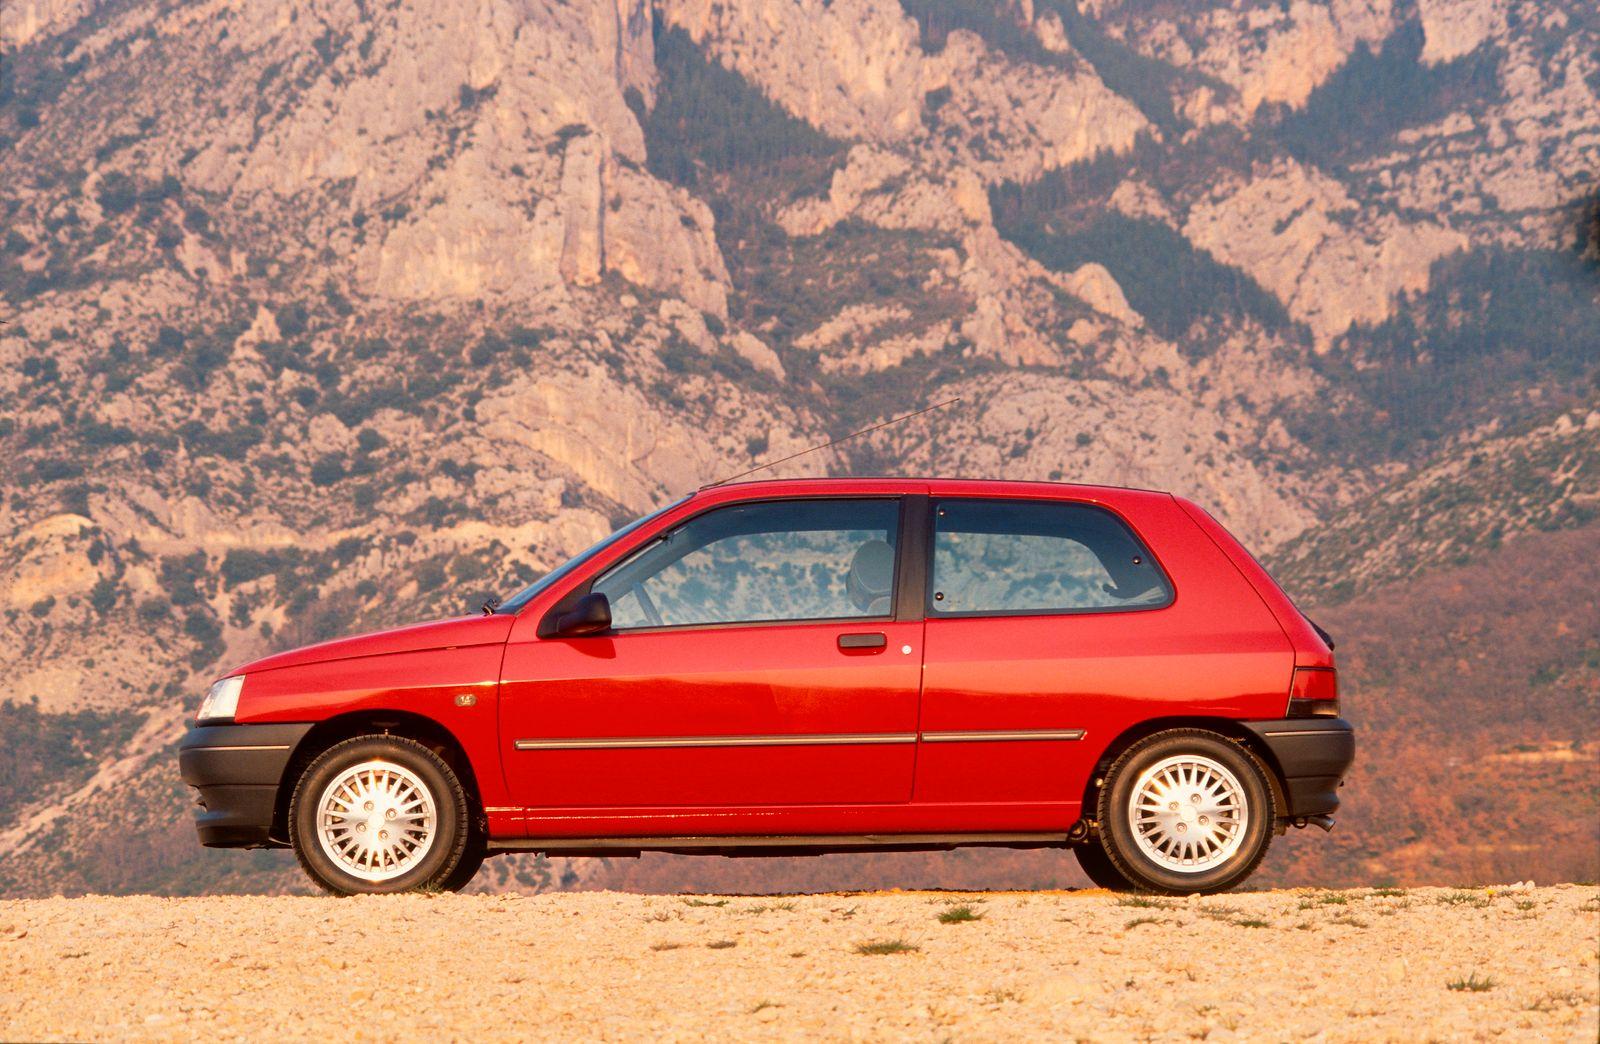 RENAULT CLIO 1,4 RT 3 DOOR - 91 MODEL